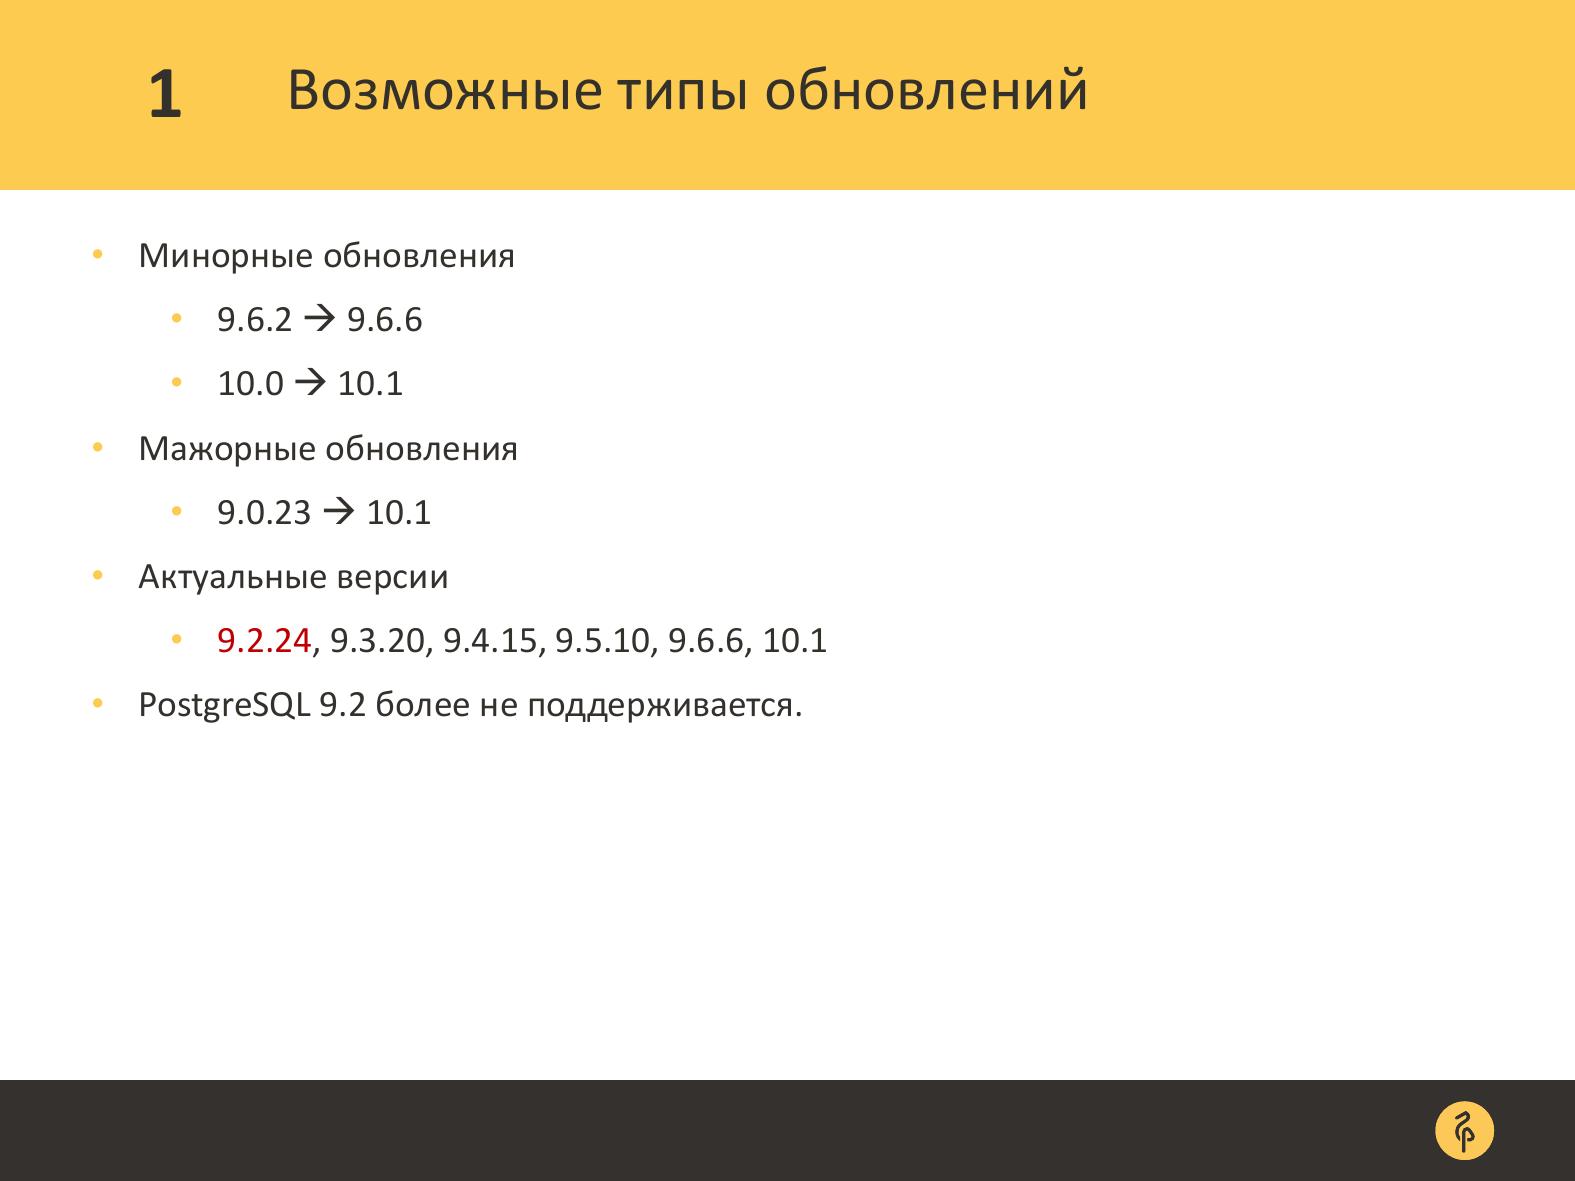 Практика обновления версий PostgreSQL. Андрей Сальников - 5